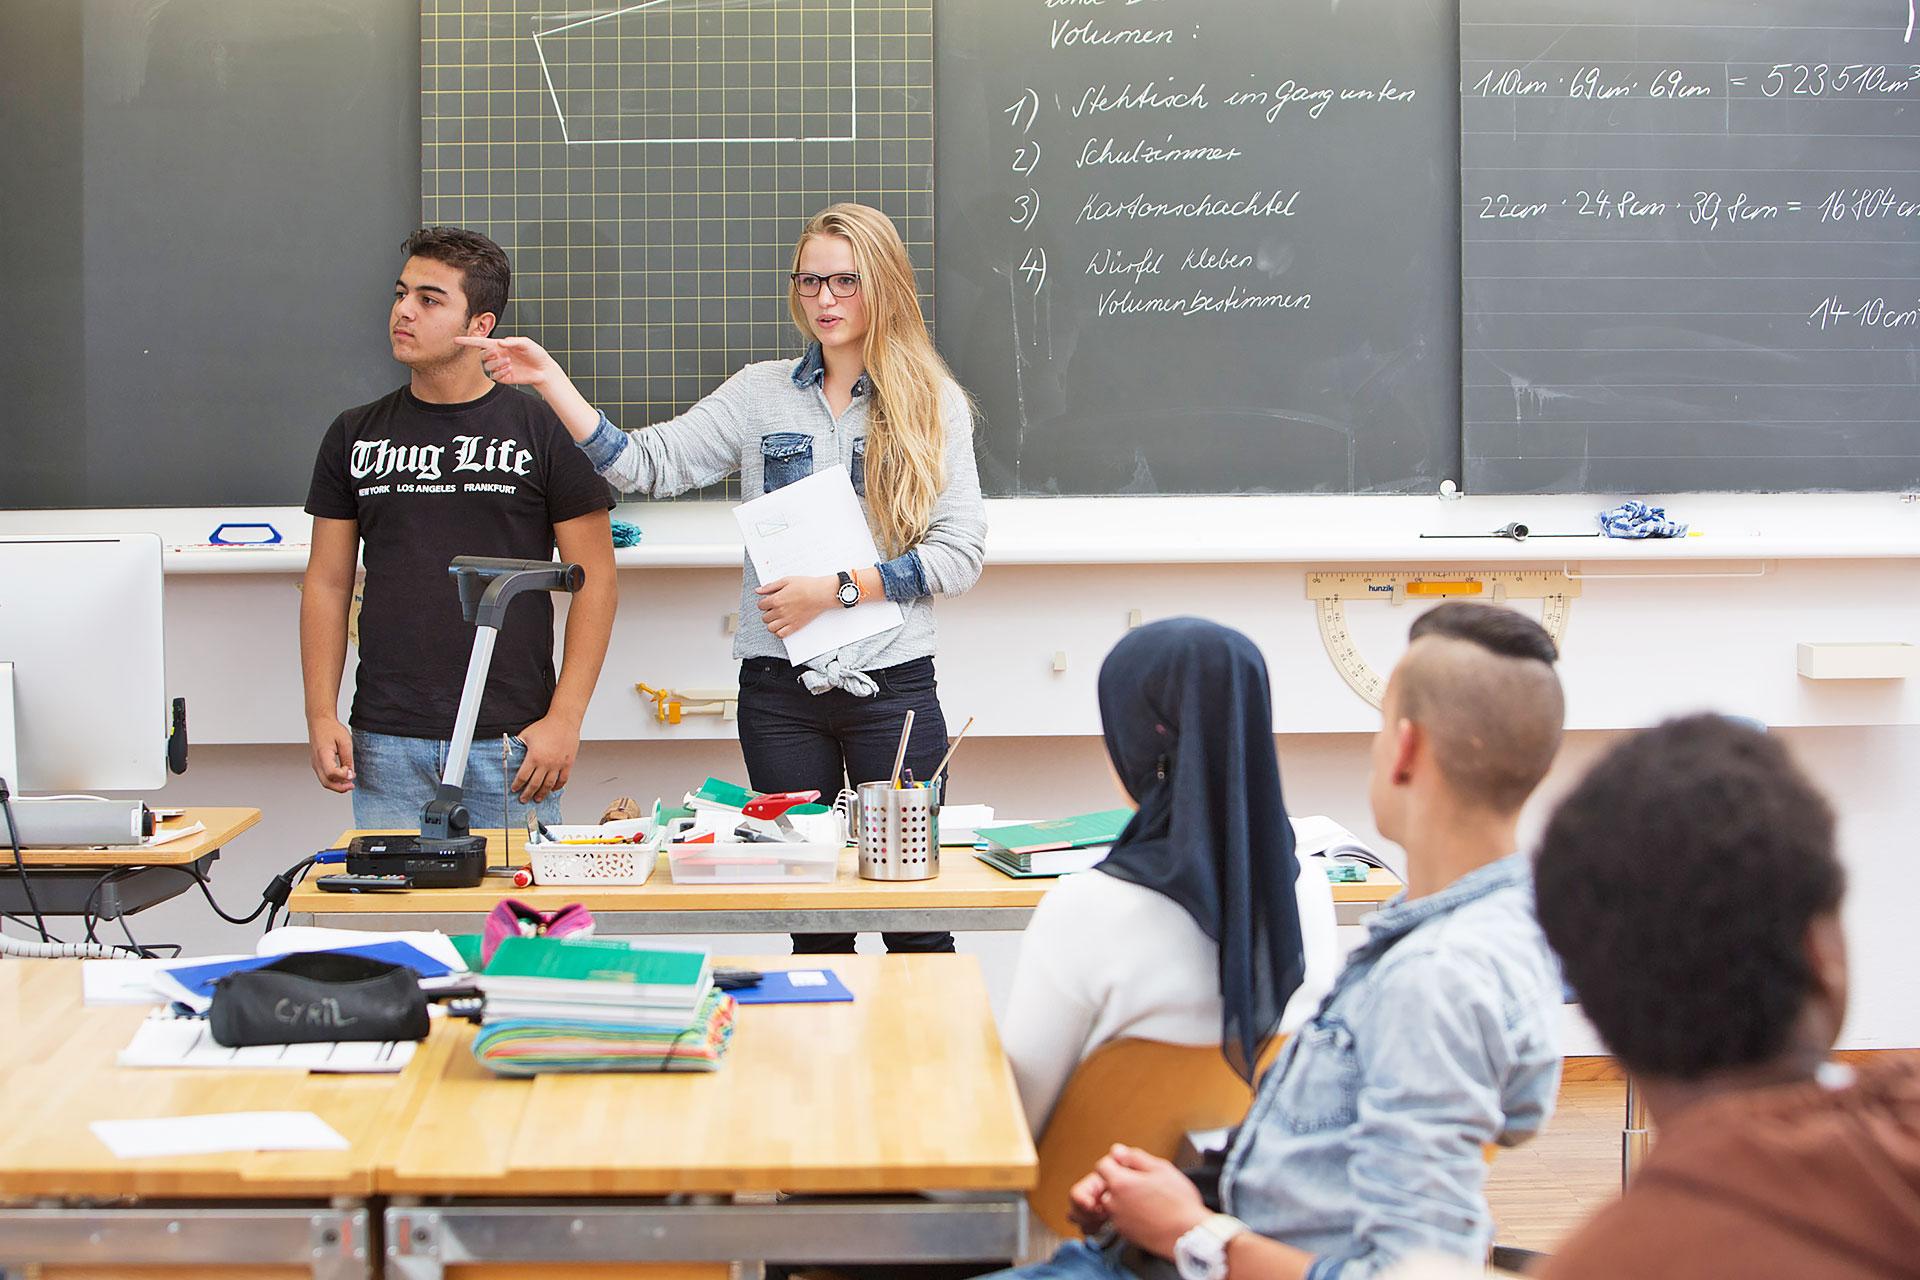 eine Schülerin und ein Schüler halten einen Vortrag vor der Klasse